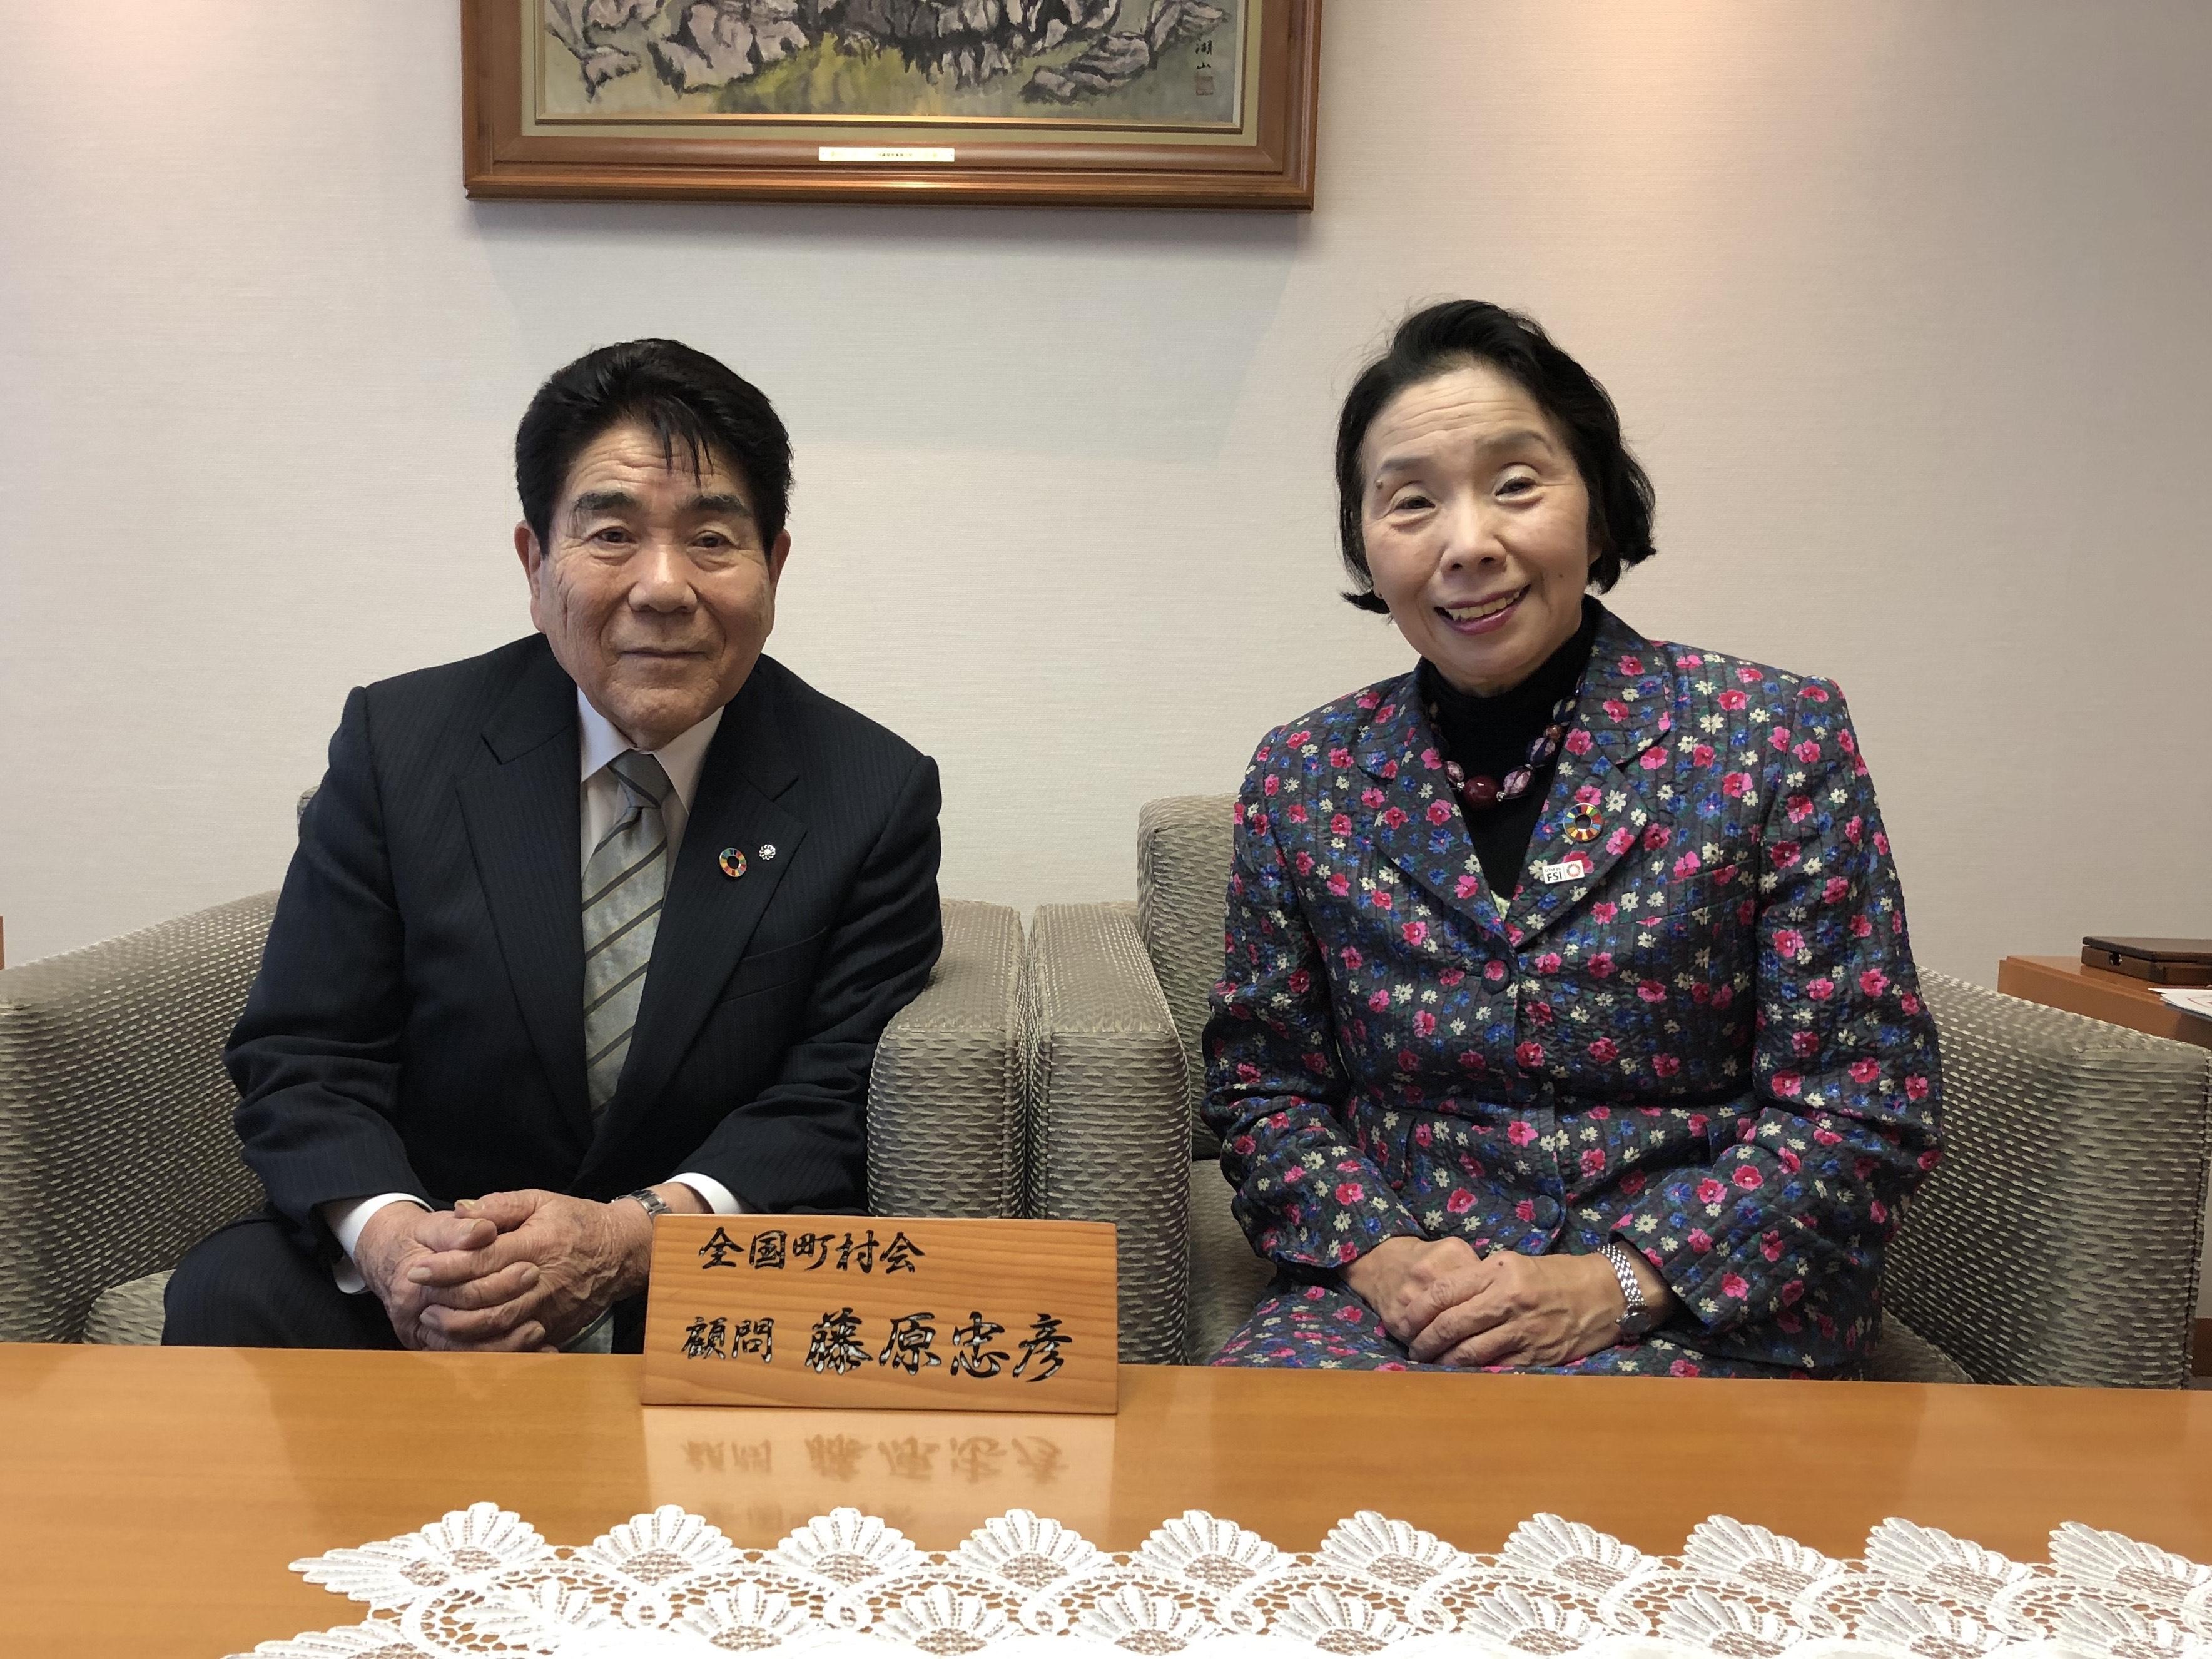 【都政新報】素顔の「創造人」たち─清原慶子が聞く(9)